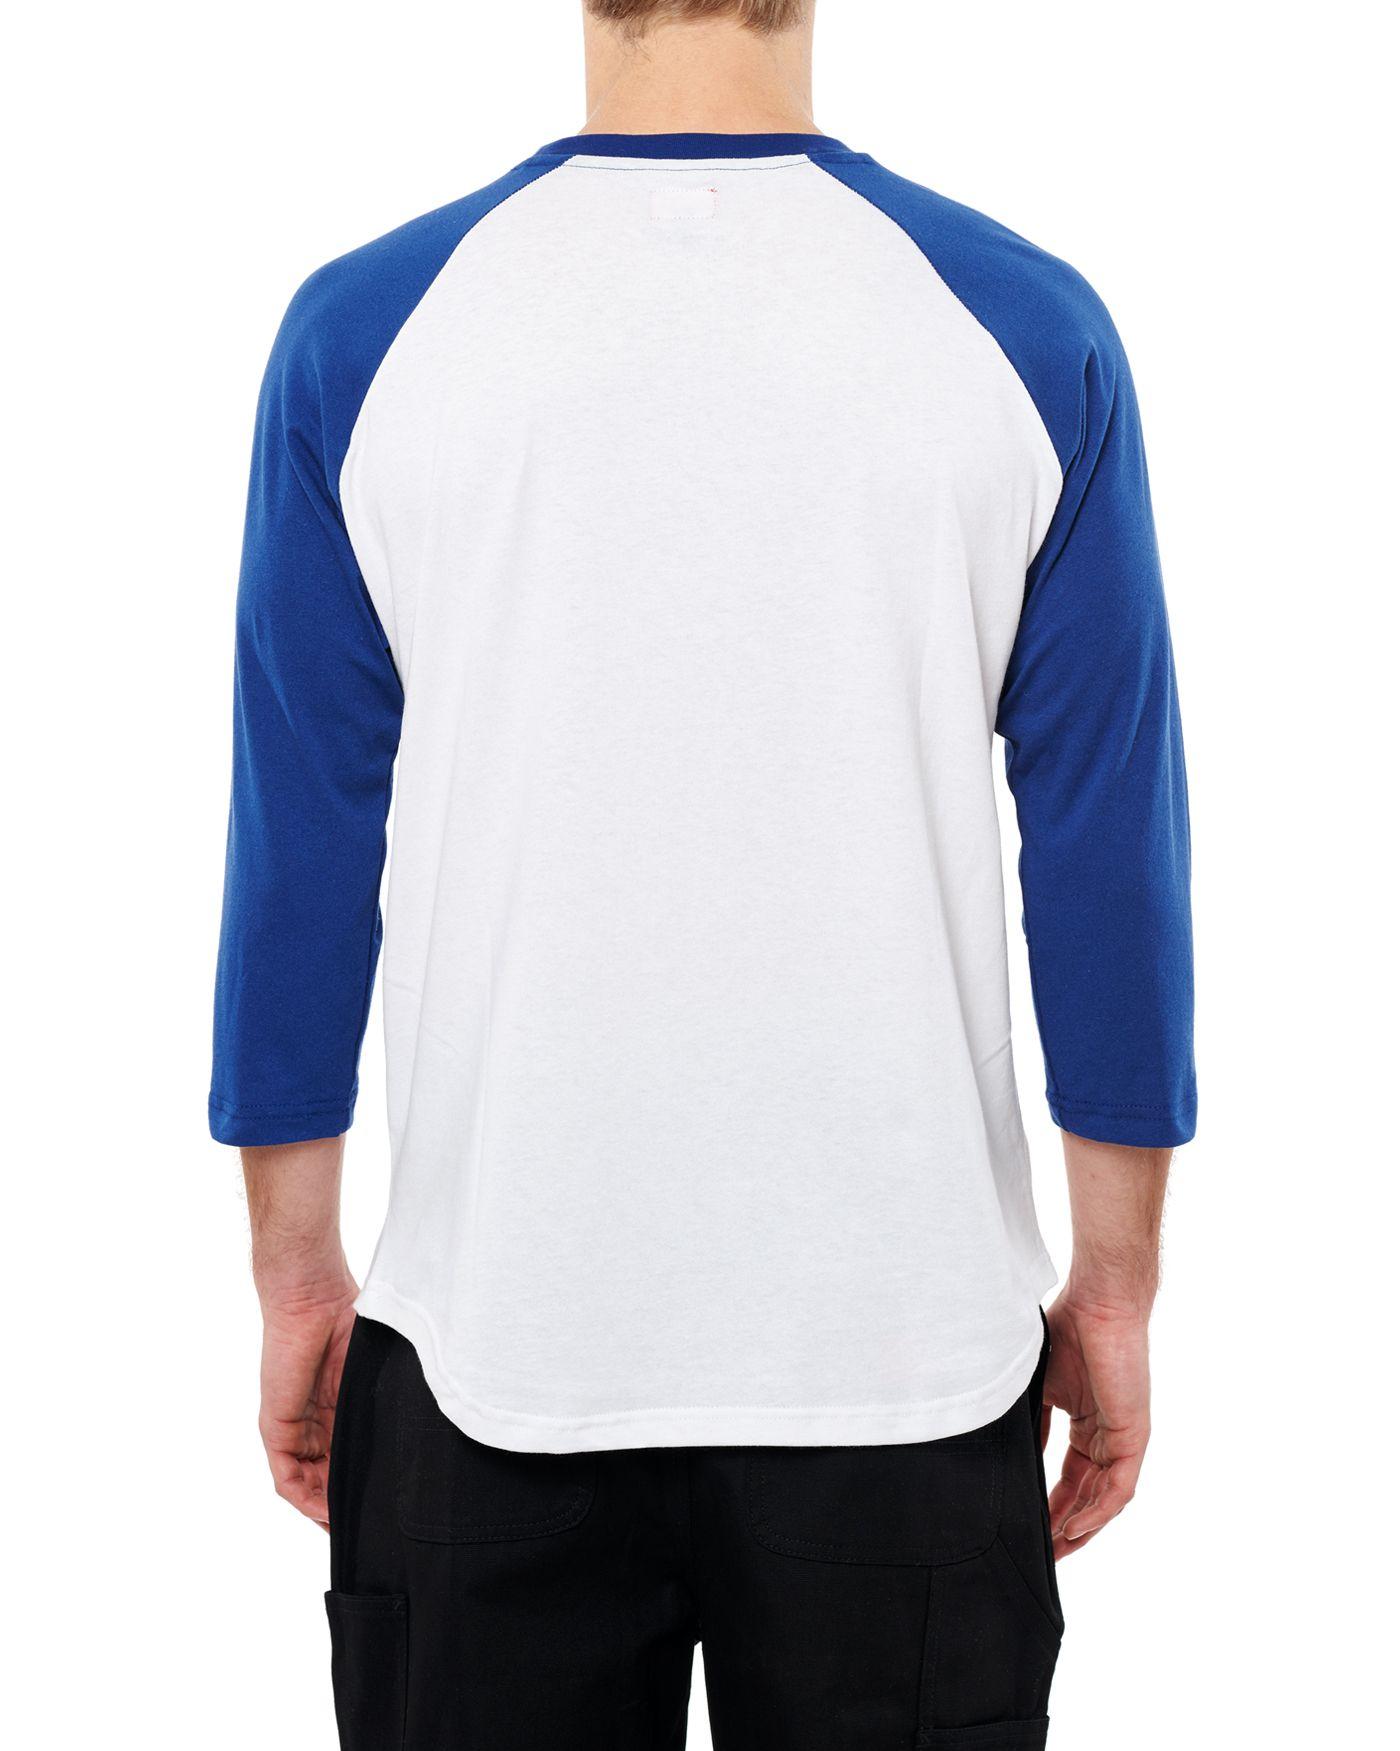 Photo of Nothing Man 3/4 Raglan T-shirt, White